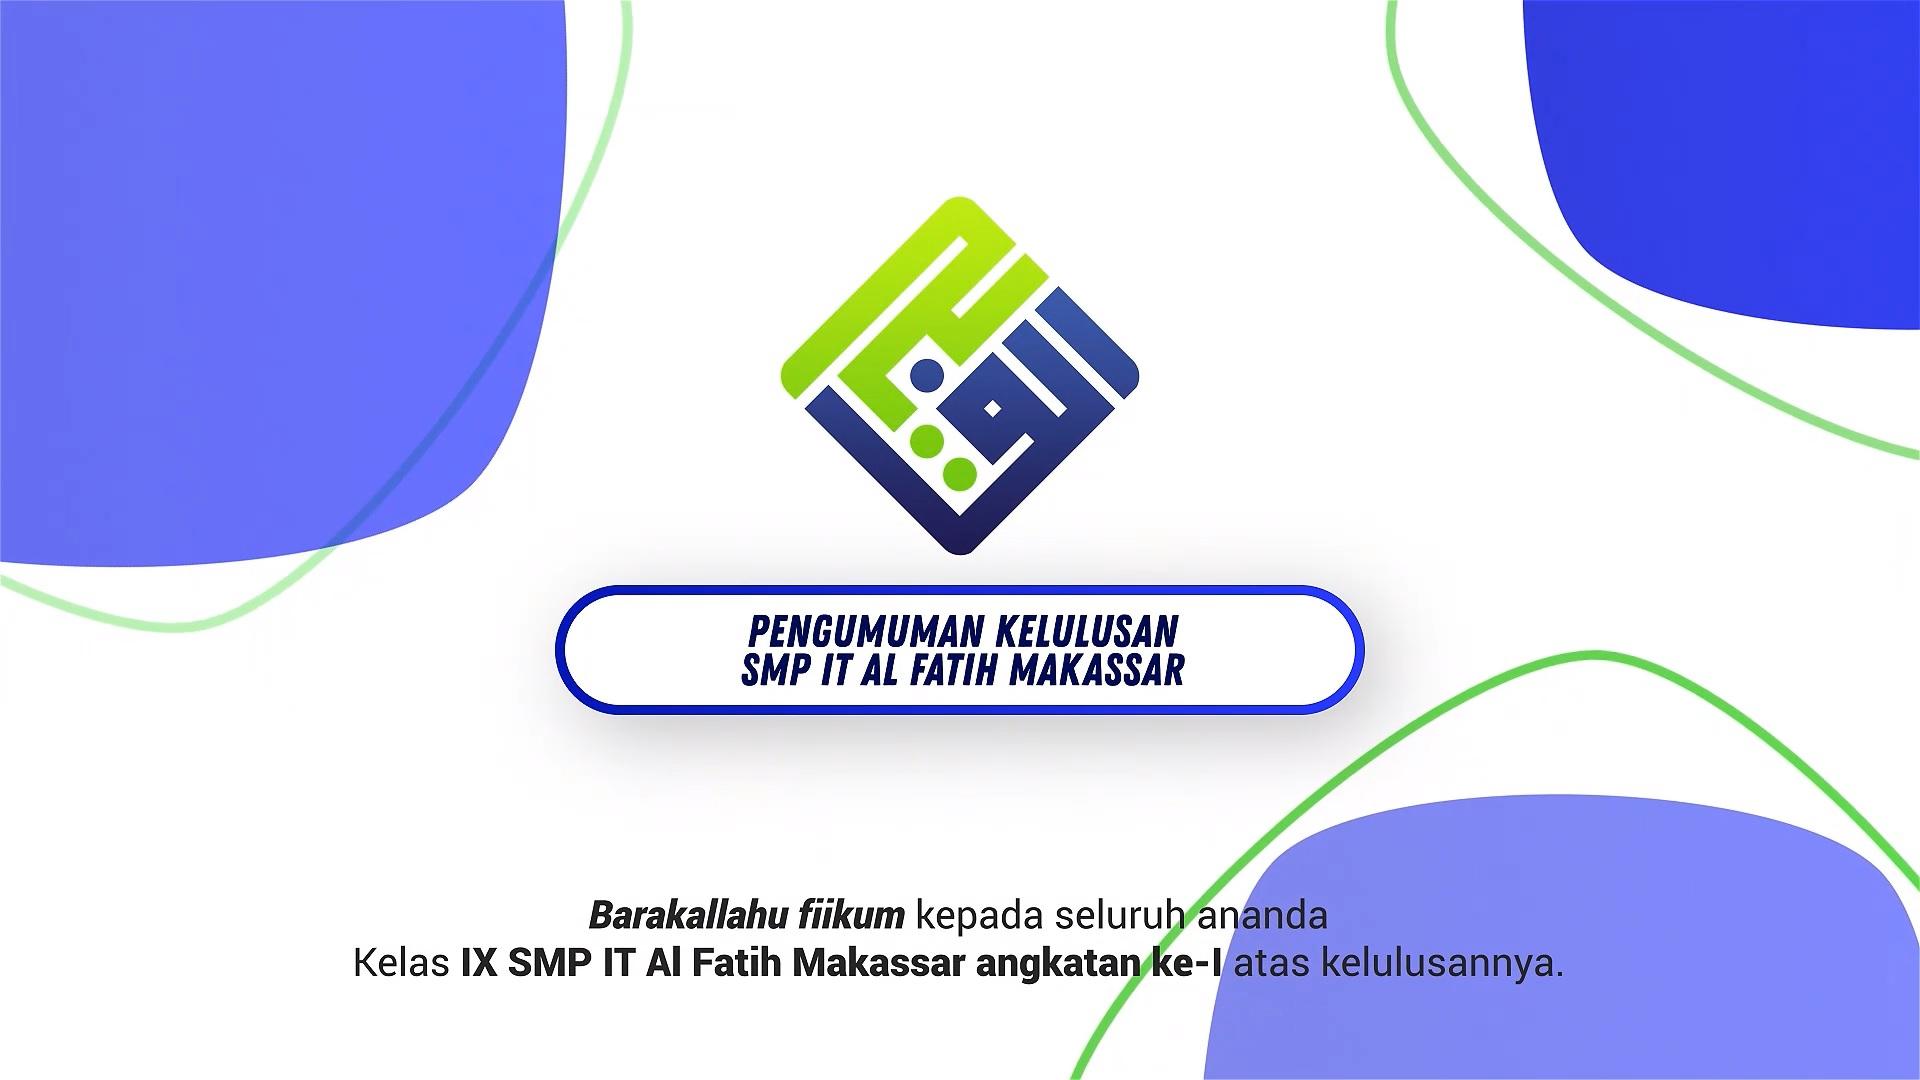 Pengumuman Kelulusan SMP IT Al Fatih Makassar